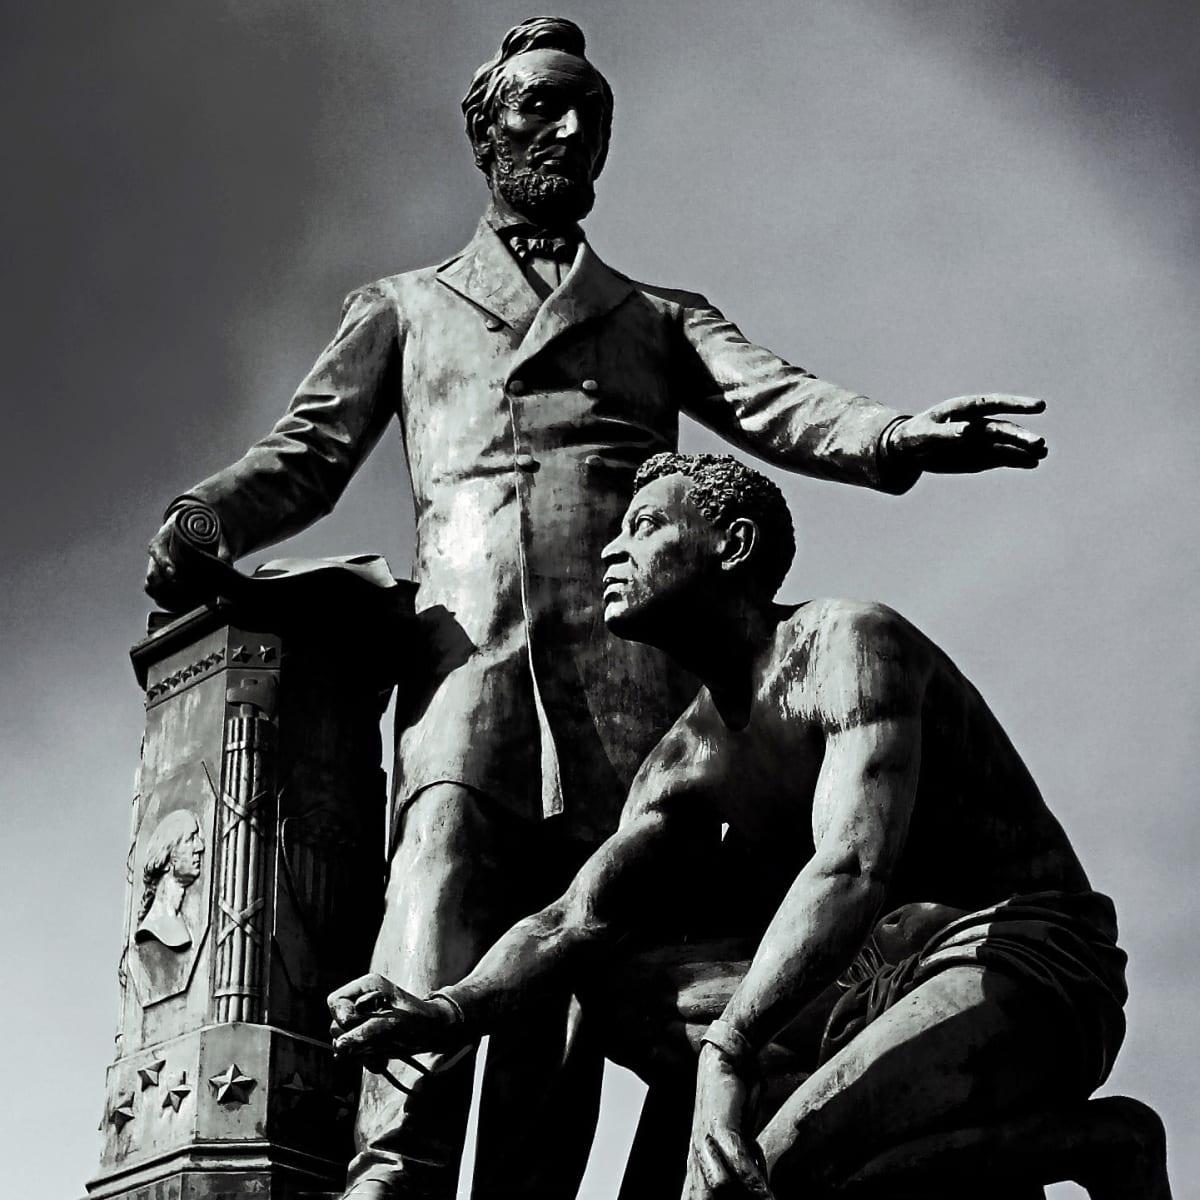 مرثیهای برای رویایی سیاه/ تظاهرات تنها راه باقی مانده برای تحقق آرزوی خاتمه دادن به نژاد پرستی در آمریکا